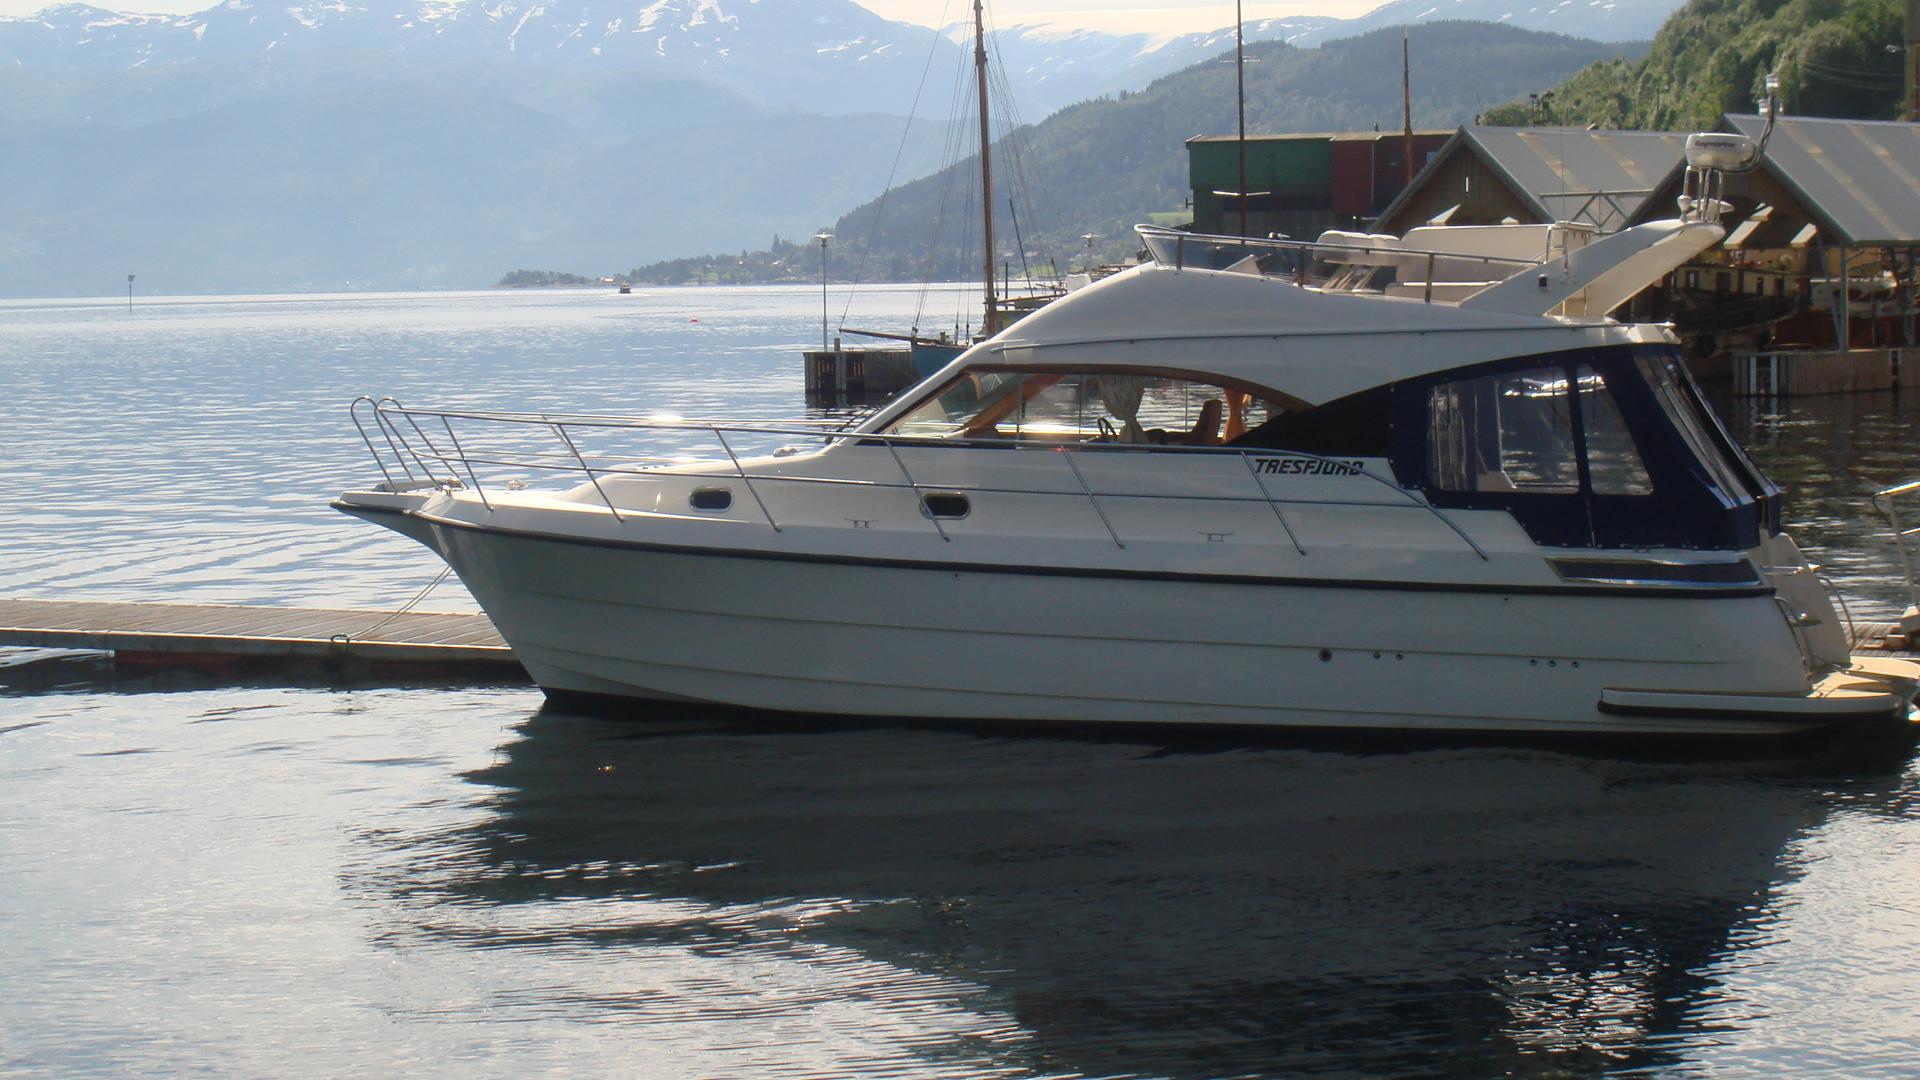 Atlantic 390 Fb Tresfjord Boats And Yachts